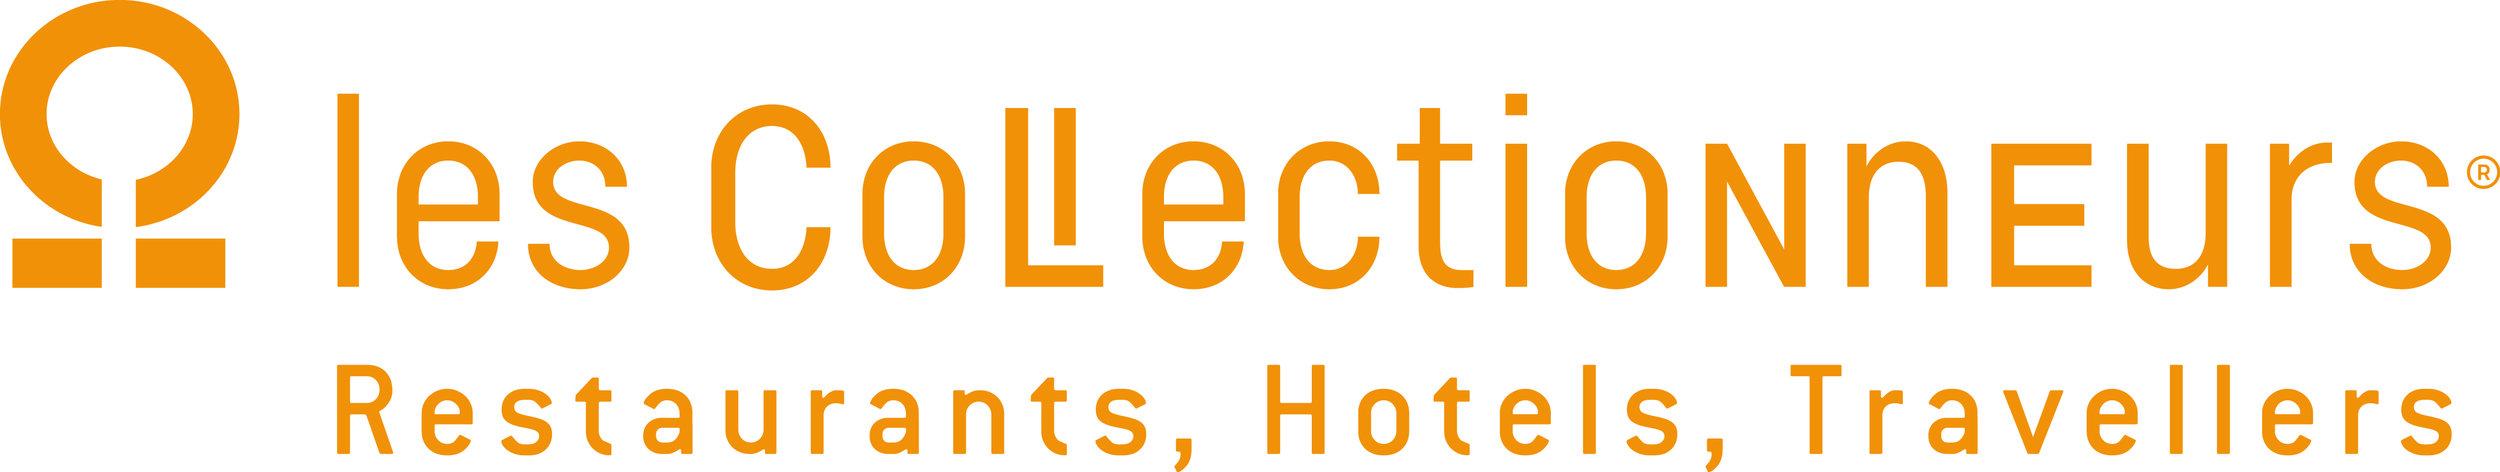 logo_les_Collectionneurs_UK_RVB.jpg